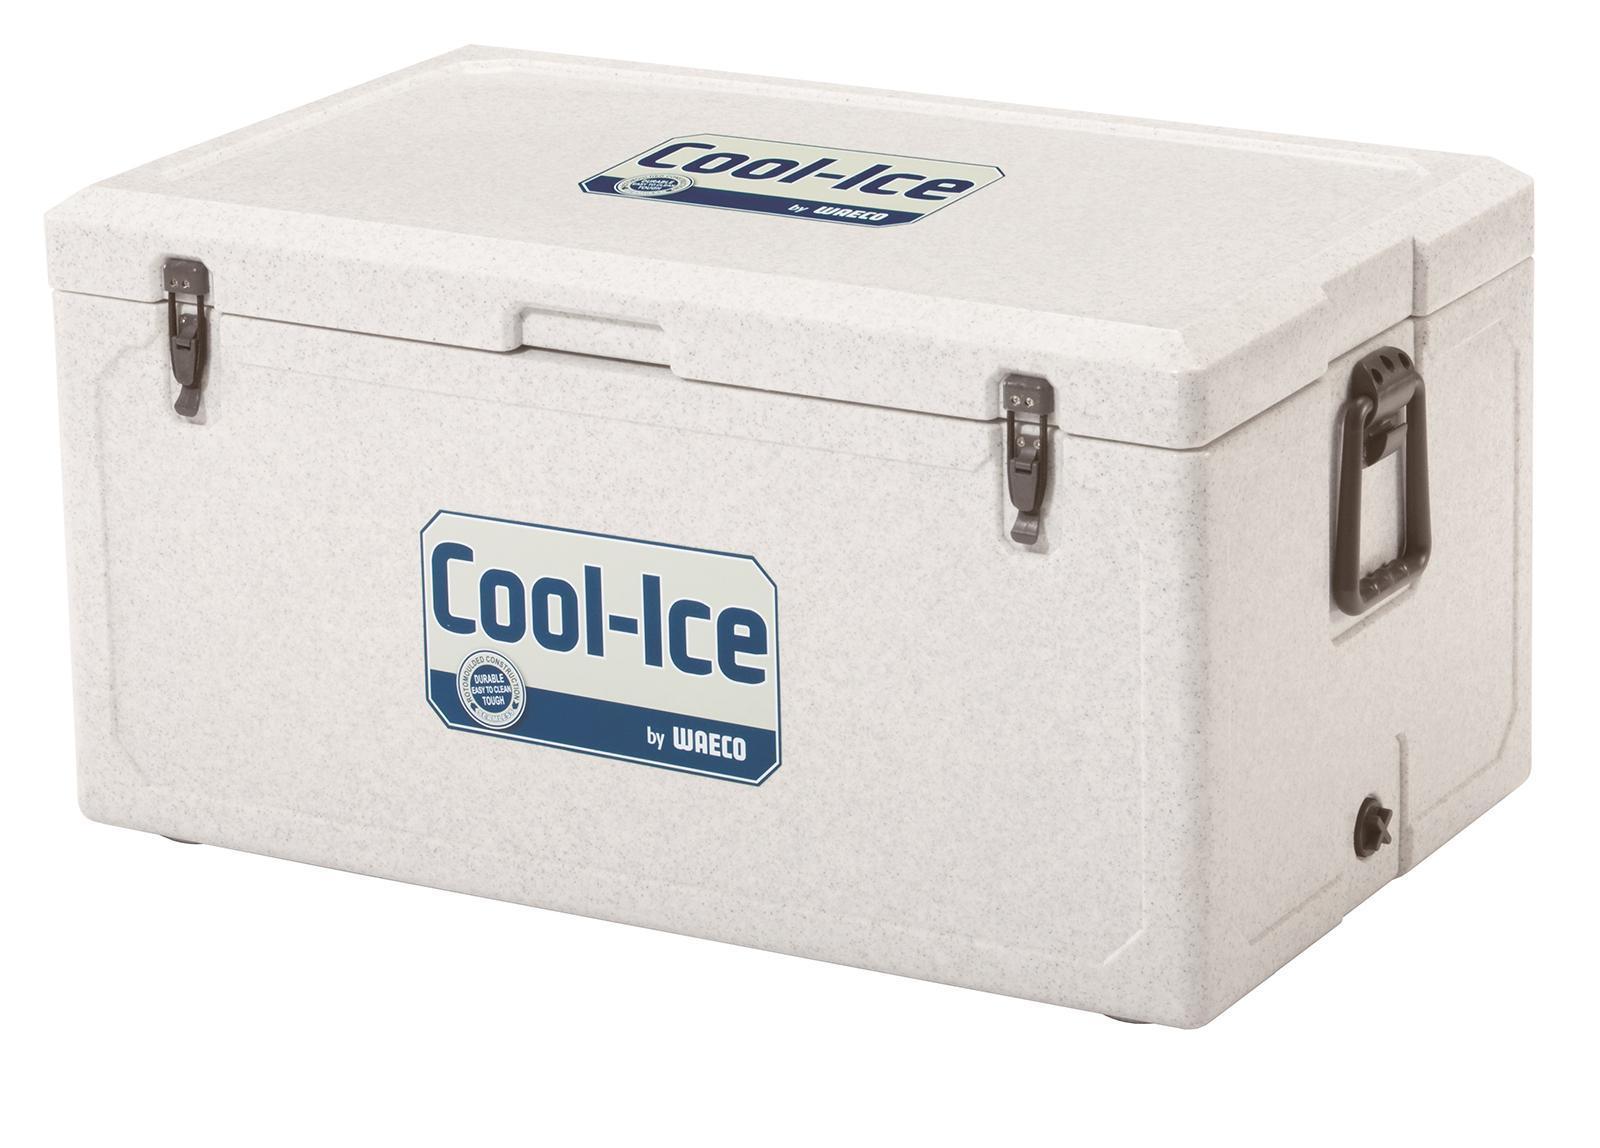 WAECO Cool-Ice WCI-85 изотермический контейнер, 86 лWCI-85Высокая температураокружающей среды, неровные поверхности, грязь и сильные вибрации? С этим легко справятся новый непобедимый термоконтейнер для льда WAECO Cool-Ice WCI-85. Оснащенный чрезвычайно эффективной и прочной изоляцией, он может продержать ваши продукты в холодном виде до 10 днейВсе детали бесшовного термоконтейнера WAECO Cool-Ice WCI-85 сделаны из ударопрочного пластика , который можно использовать в самых экстремальных условиях